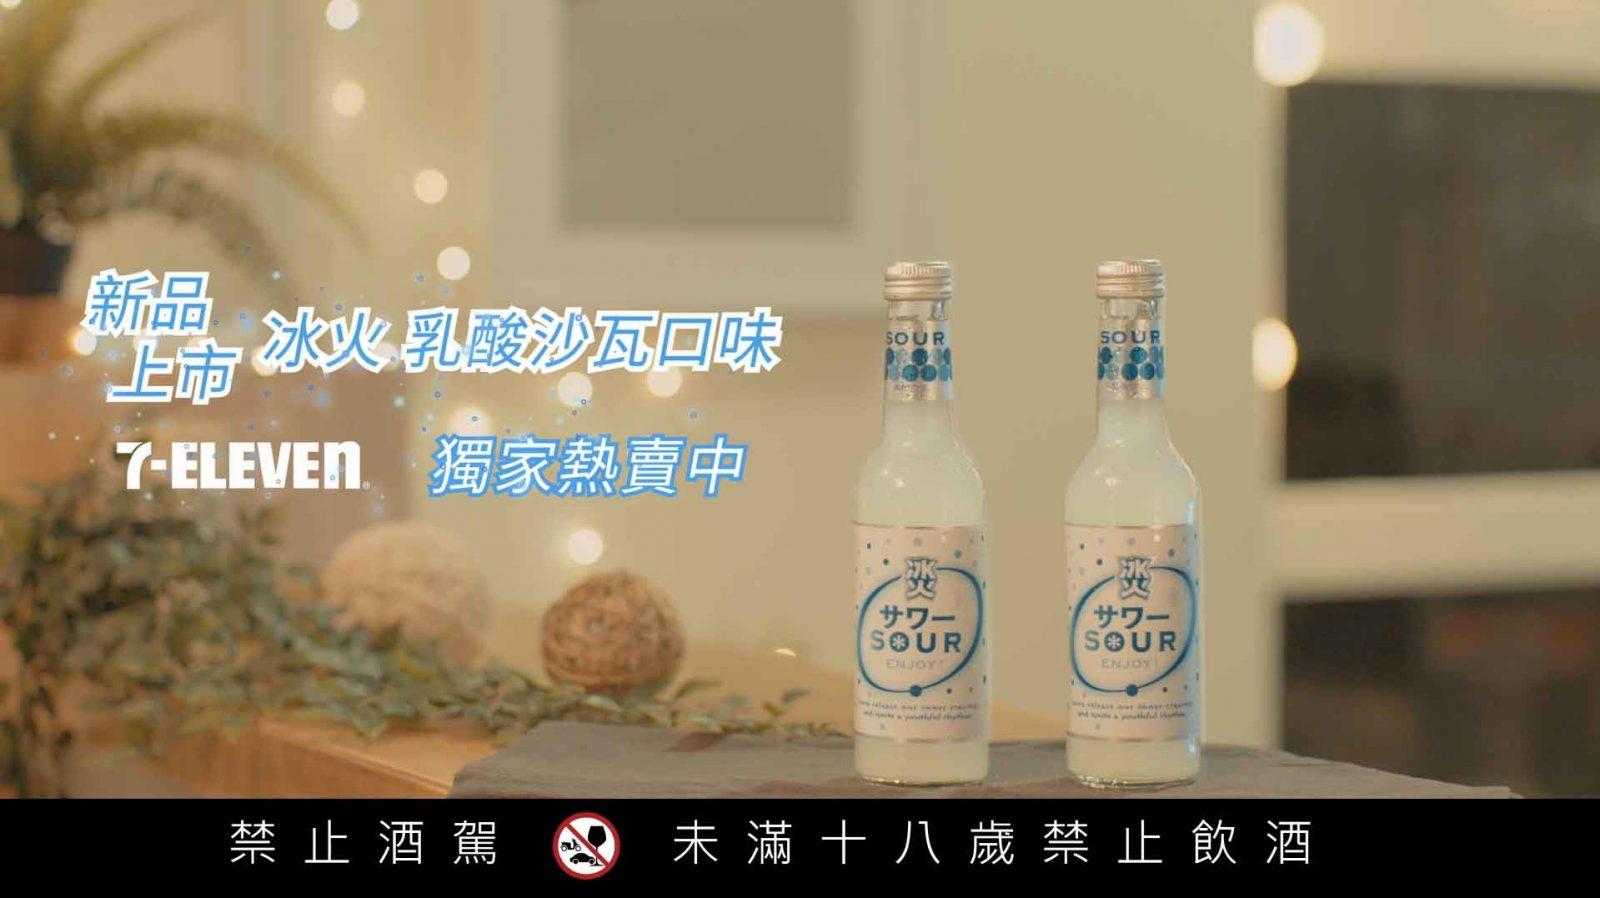 冰火乳酸沙瓦-新品上市